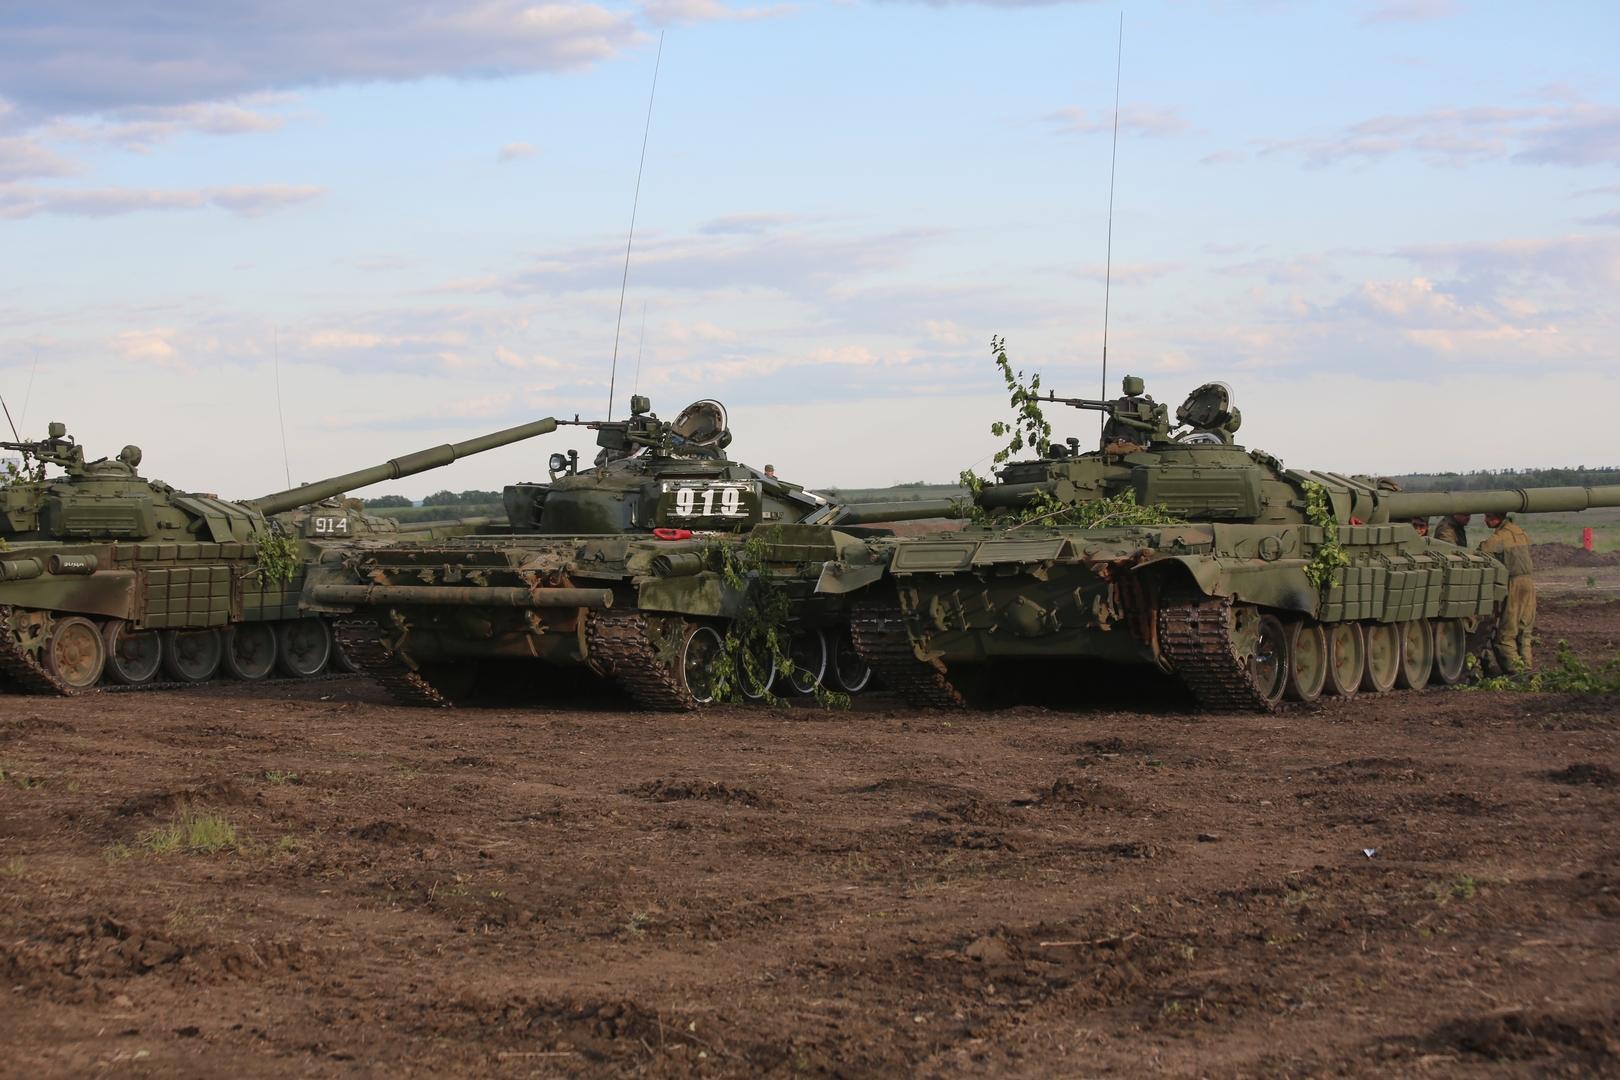 دبابات تابعة لجمهورية دونيتسك الشعبية المعلنة ذاتيا جنوب شرقي أوكرانيا